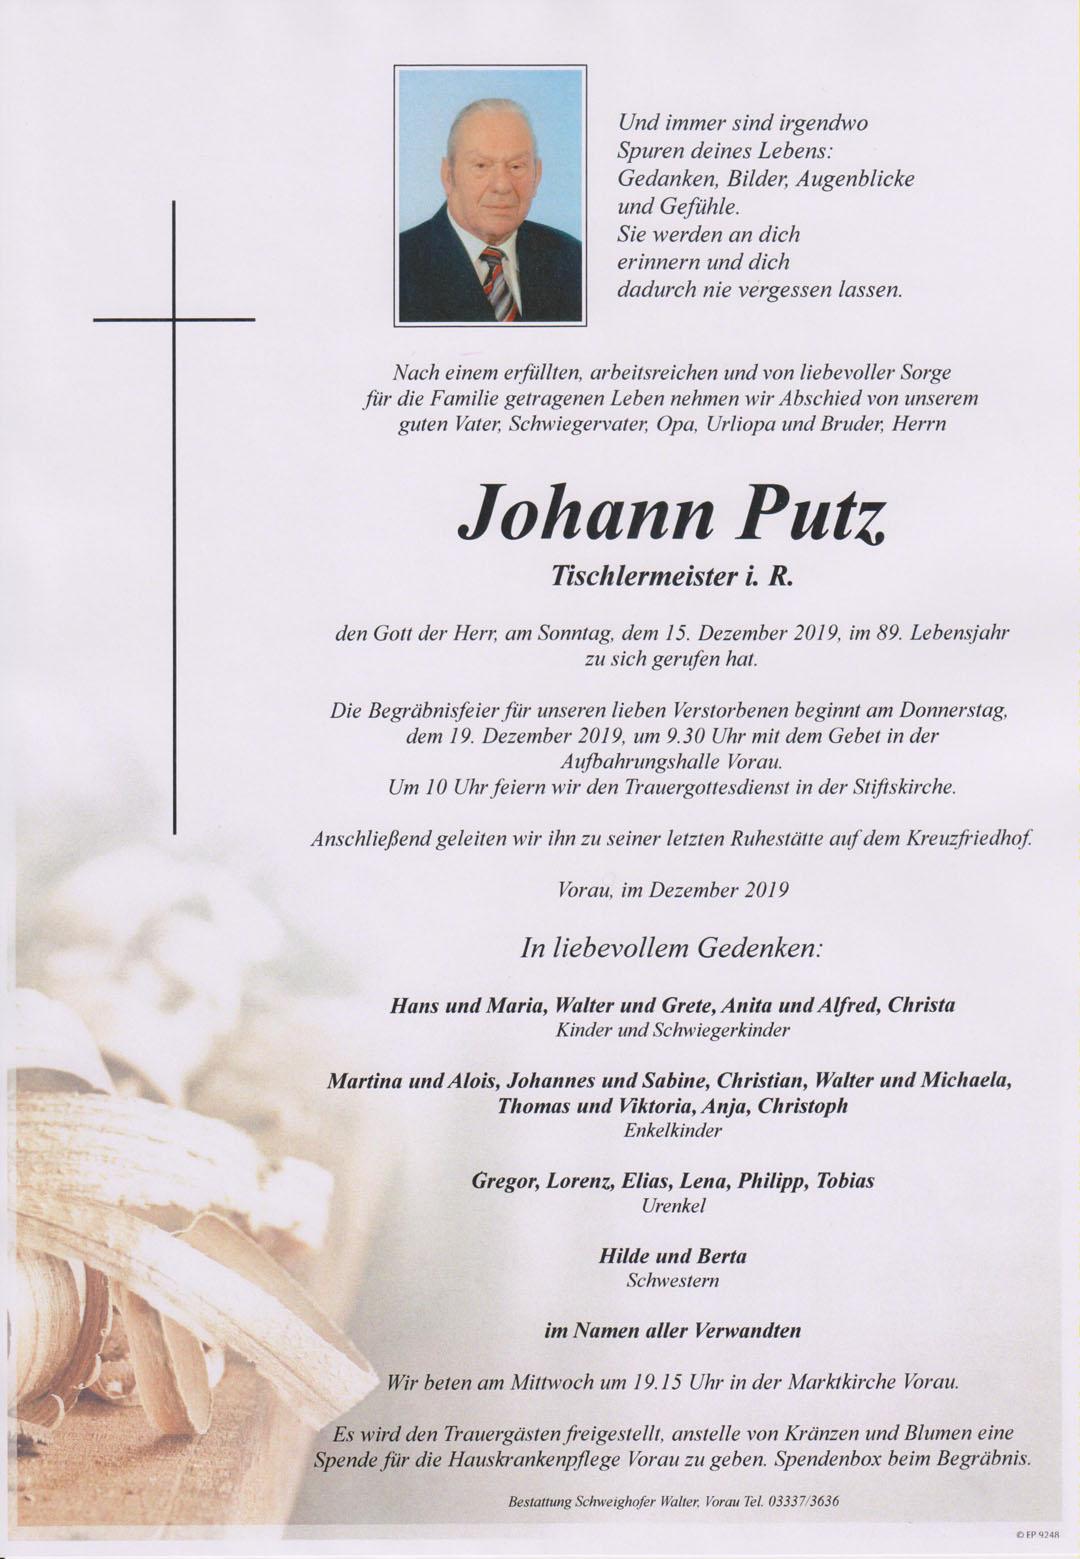 Johann Putz